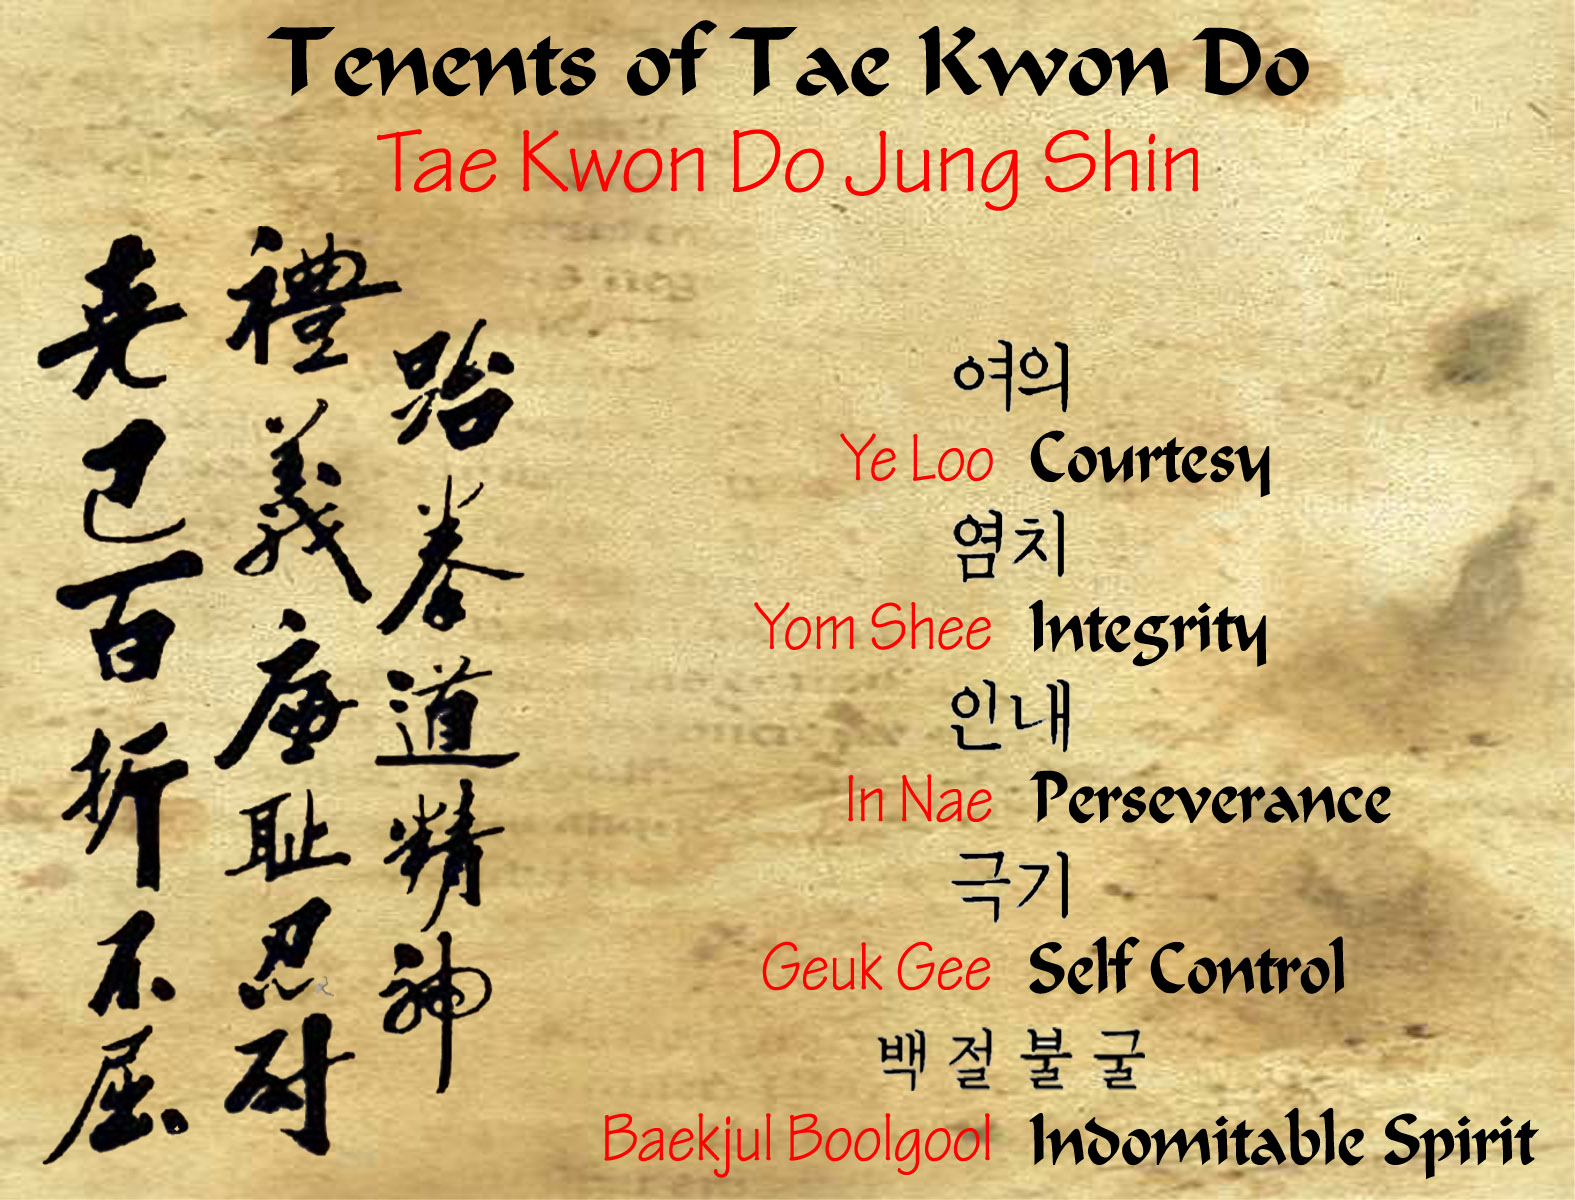 Taekwondo Baukdu Zoetermeer normen en waarden belangrijk